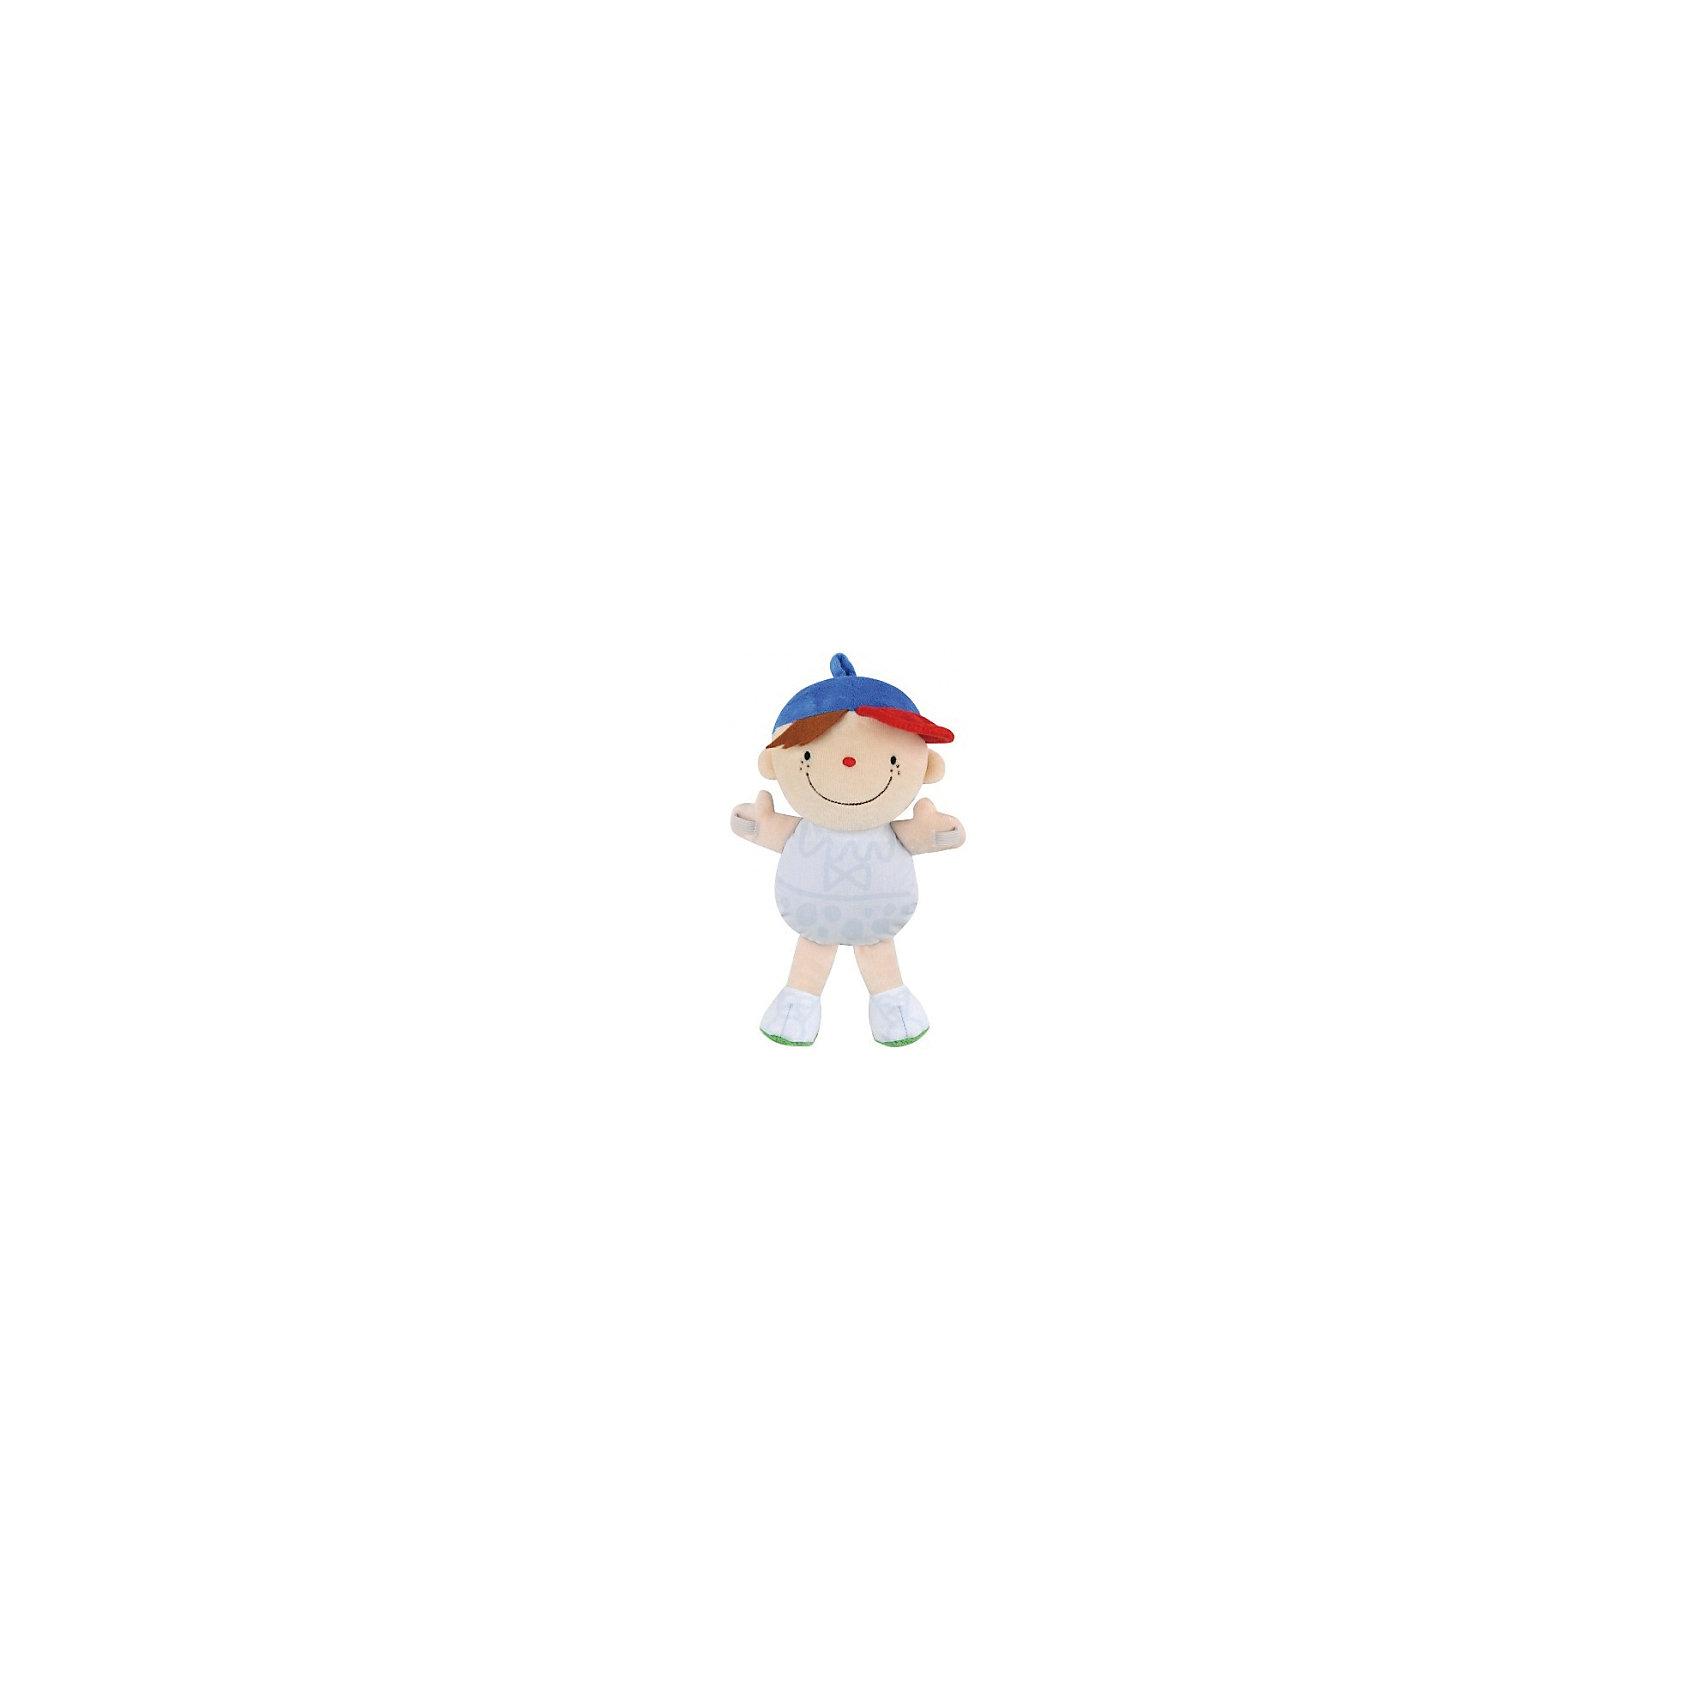 Вейн Что носить, Ks KidsВейн Что носить, Ks Kids (Кс Кидс) ? уникальная кукла от всемирно известного производителя детских игрушек. Вейн ? это мягкая текстильная кукла в образе веселого мальчика, которого нужно одеть. Но одежда у него совершенно особенная ? ее нужно нарисовать.<br>Туловище и ботиночки куклы выполнены из специального материала, на котором можно рисовать водными фломастерами, которые идут в комплекте. Для начала рисования, фломастеры необходимо наполнить водой. После этого можно приступать к творческому процессу. После высыхания рисунок исчезает и творческий процесс можно начинать заново.<br>Вейн Что носить, Ks Kids (Кс Кидс) ? это игра, в которой любой ребенок может почувствовать себя в роли дизайнера одежды.<br>Игра Вейн Что носить, Ks Kids будет способствовать развитию художественных способностей, воображения, а также научит усидчивости и терпению.<br><br>Дополнительная информация:<br><br>- Вид игр: сюжетно-ролевые, творческие<br>- Предназначение: для дома<br>- Комплектация: кукла и 2 фломастера<br>- Материал: текстиль, пластик<br>- Размер: 20*26*7 см<br>- Вес: 275 г<br>- Особенности ухода: разрешается стирать в щадящем режиме<br><br>Подробнее:<br><br>• Для детей в возрасте: от 3 лет до 7 лет<br>• Страна производитель: Китай<br>• Торговый бренд: Ks Kids (Кс Кидс)<br><br>Вейна Что носить, Ks Kids (Кс Кидс) можно купить в нашем интернет-магазине.<br><br>Ширина мм: 200<br>Глубина мм: 260<br>Высота мм: 70<br>Вес г: 275<br>Возраст от месяцев: 36<br>Возраст до месяцев: 84<br>Пол: Унисекс<br>Возраст: Детский<br>SKU: 4799451